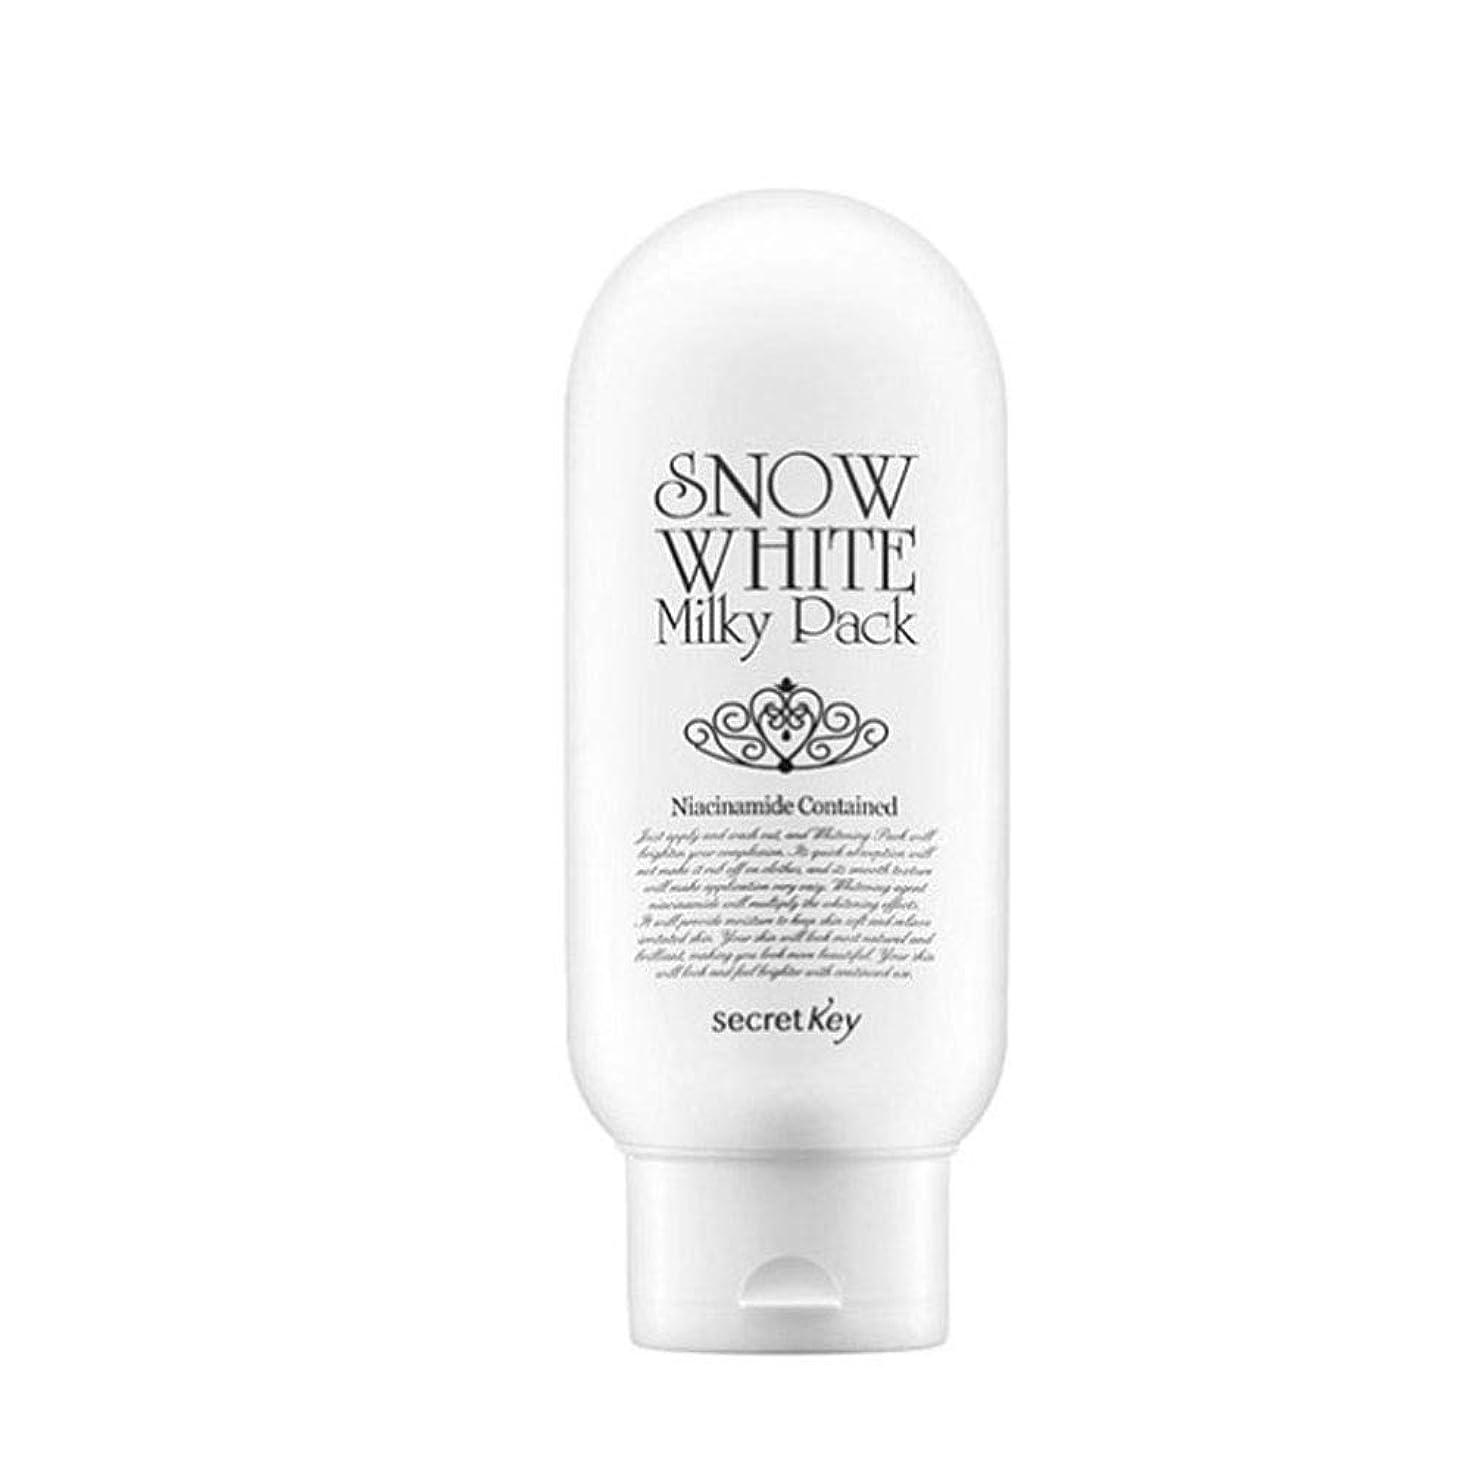 反射ヤング子供時代シークレットキースノーホワイトミルキーパック200g韓国コスメ、Secret Key Snow White Milky Pack 200g Korean Cosmetics [並行輸入品]